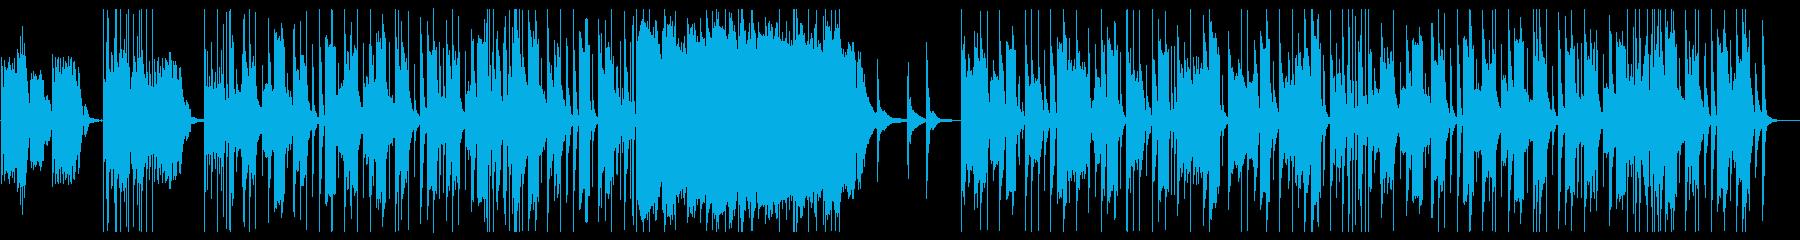 ガムラン風のエスニックで妖しげなインストの再生済みの波形